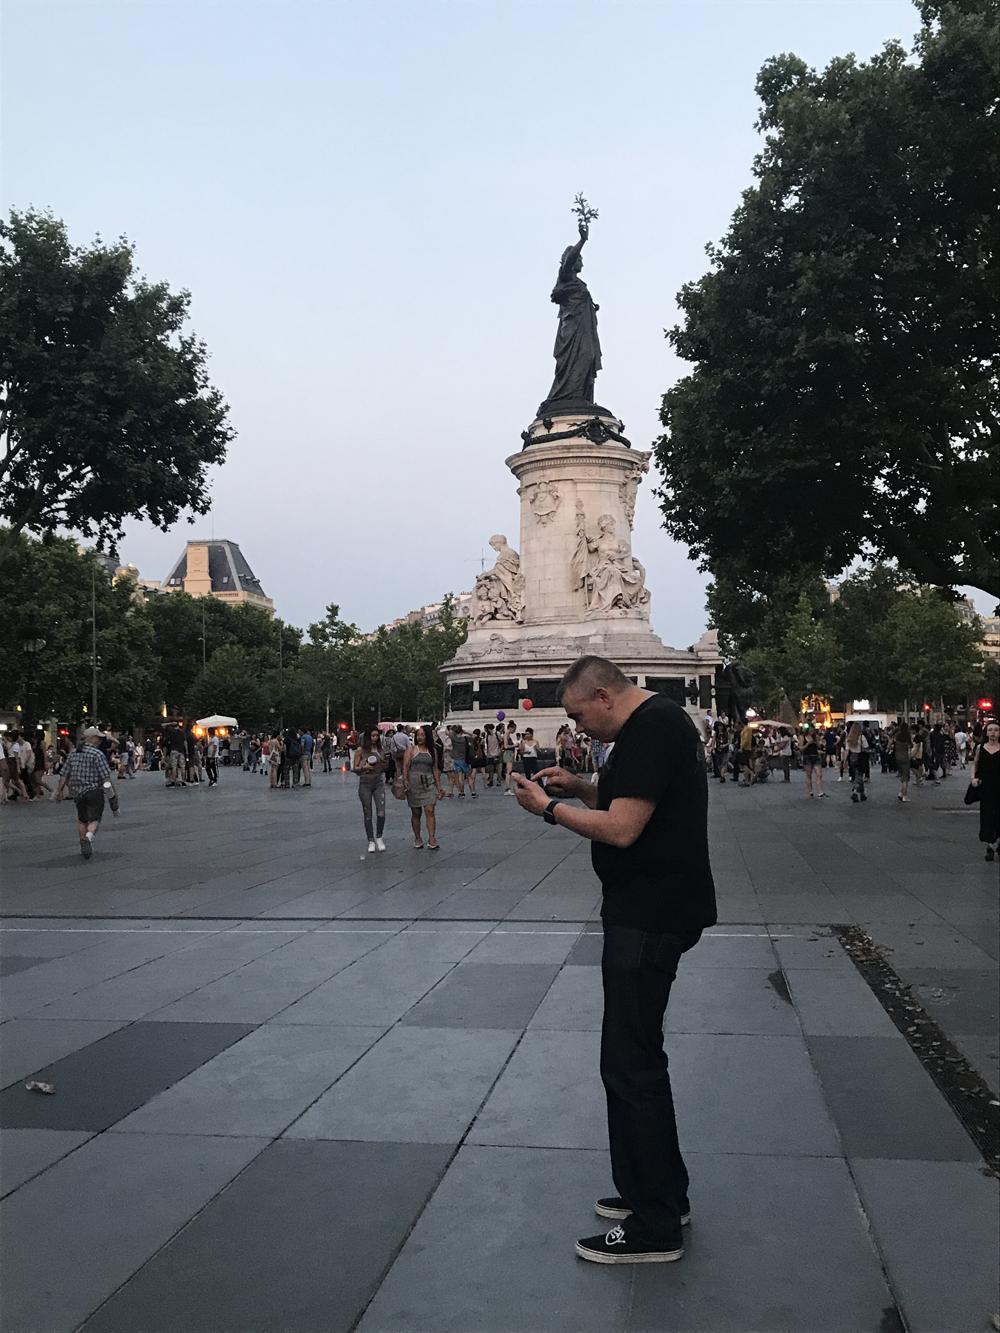 Yksi kuuma yö Pariisissa 17